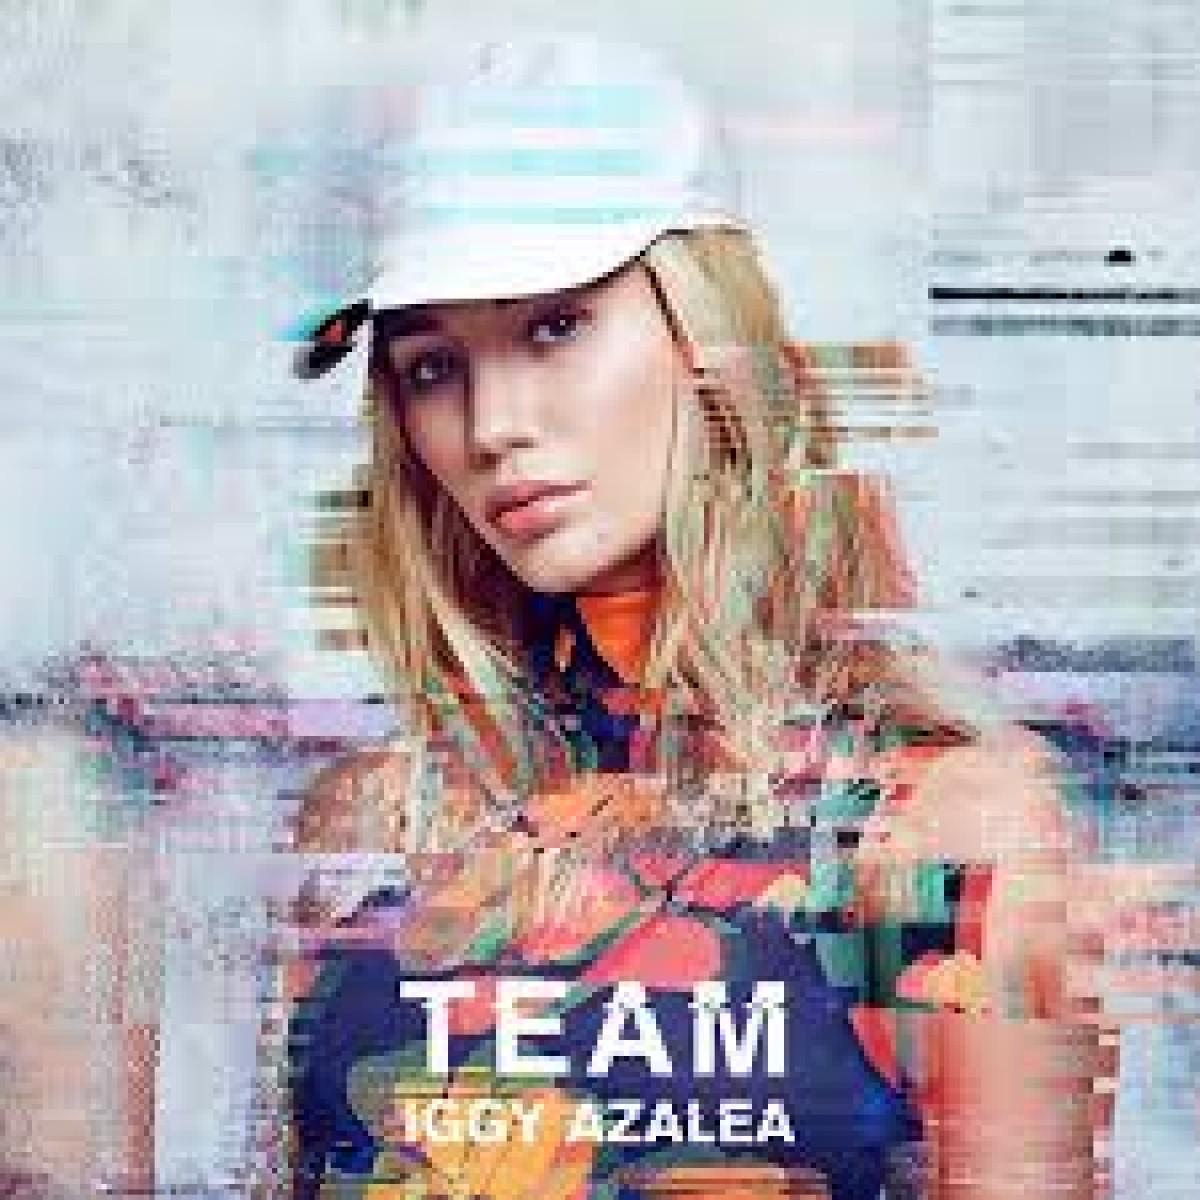 El nuevo single de Iggy Azalea